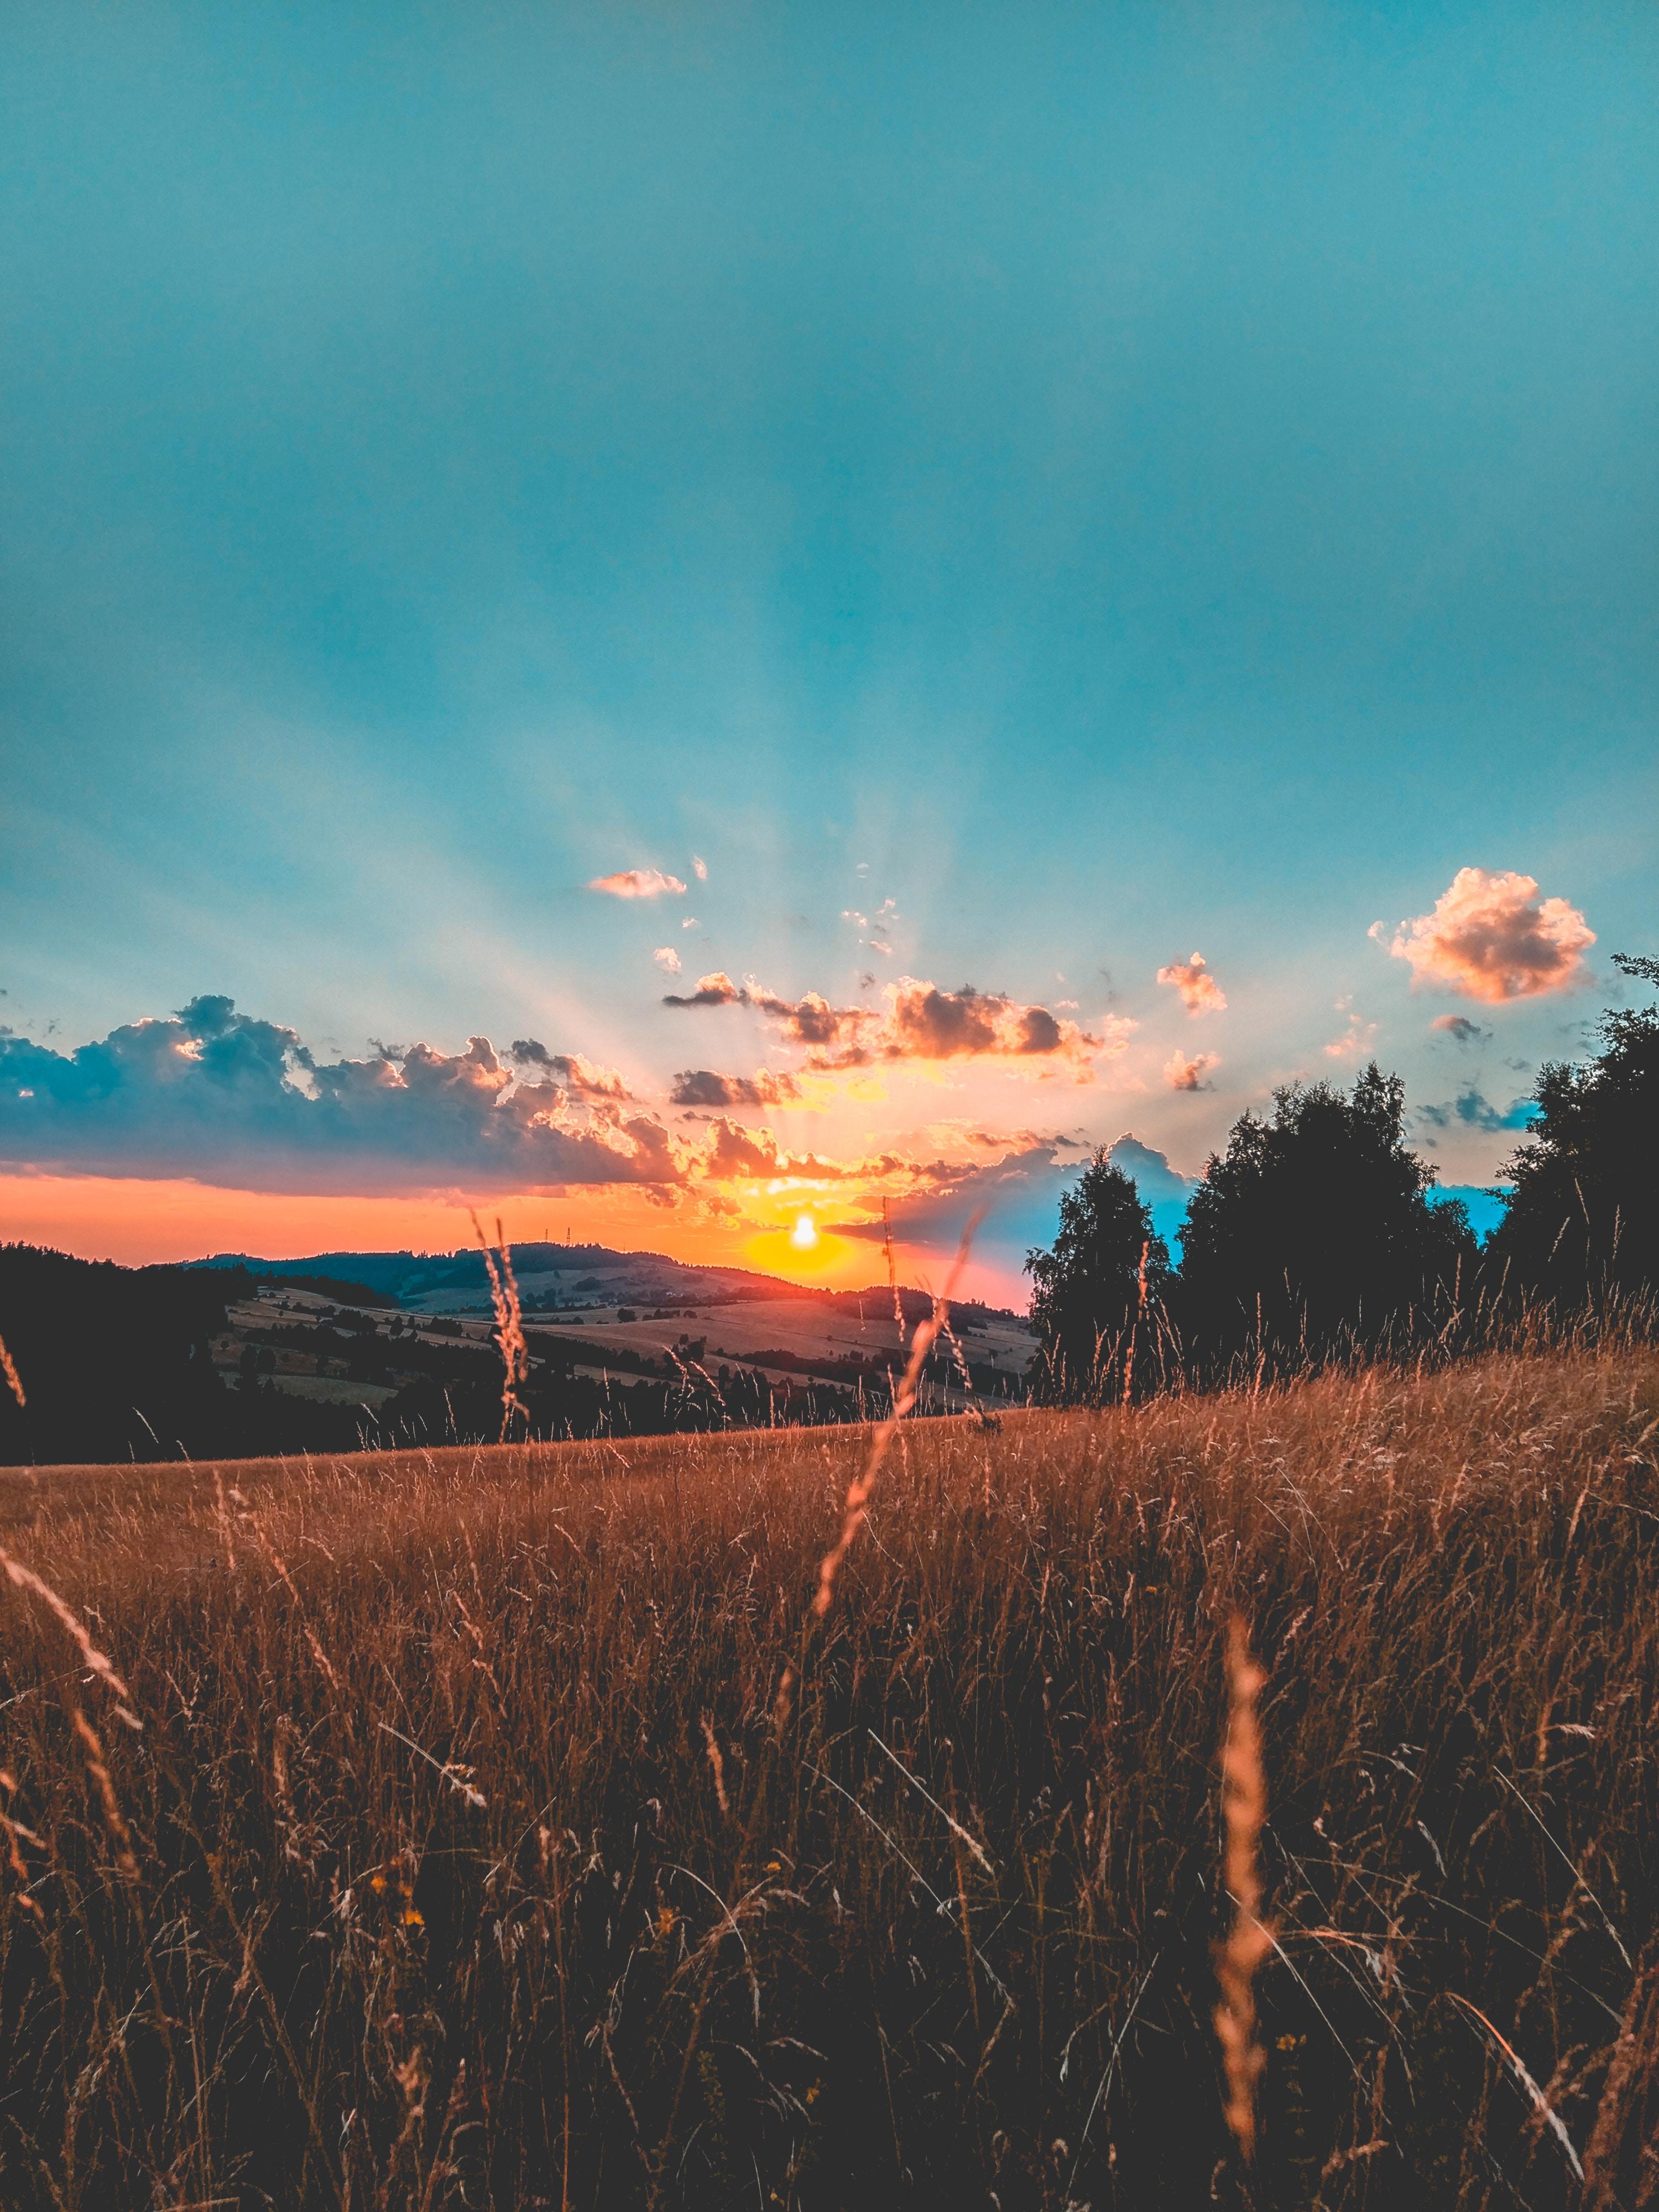 135554 Hintergrundbild herunterladen Feld, Natur, Sunset, Grass, Sky, Clouds - Bildschirmschoner und Bilder kostenlos